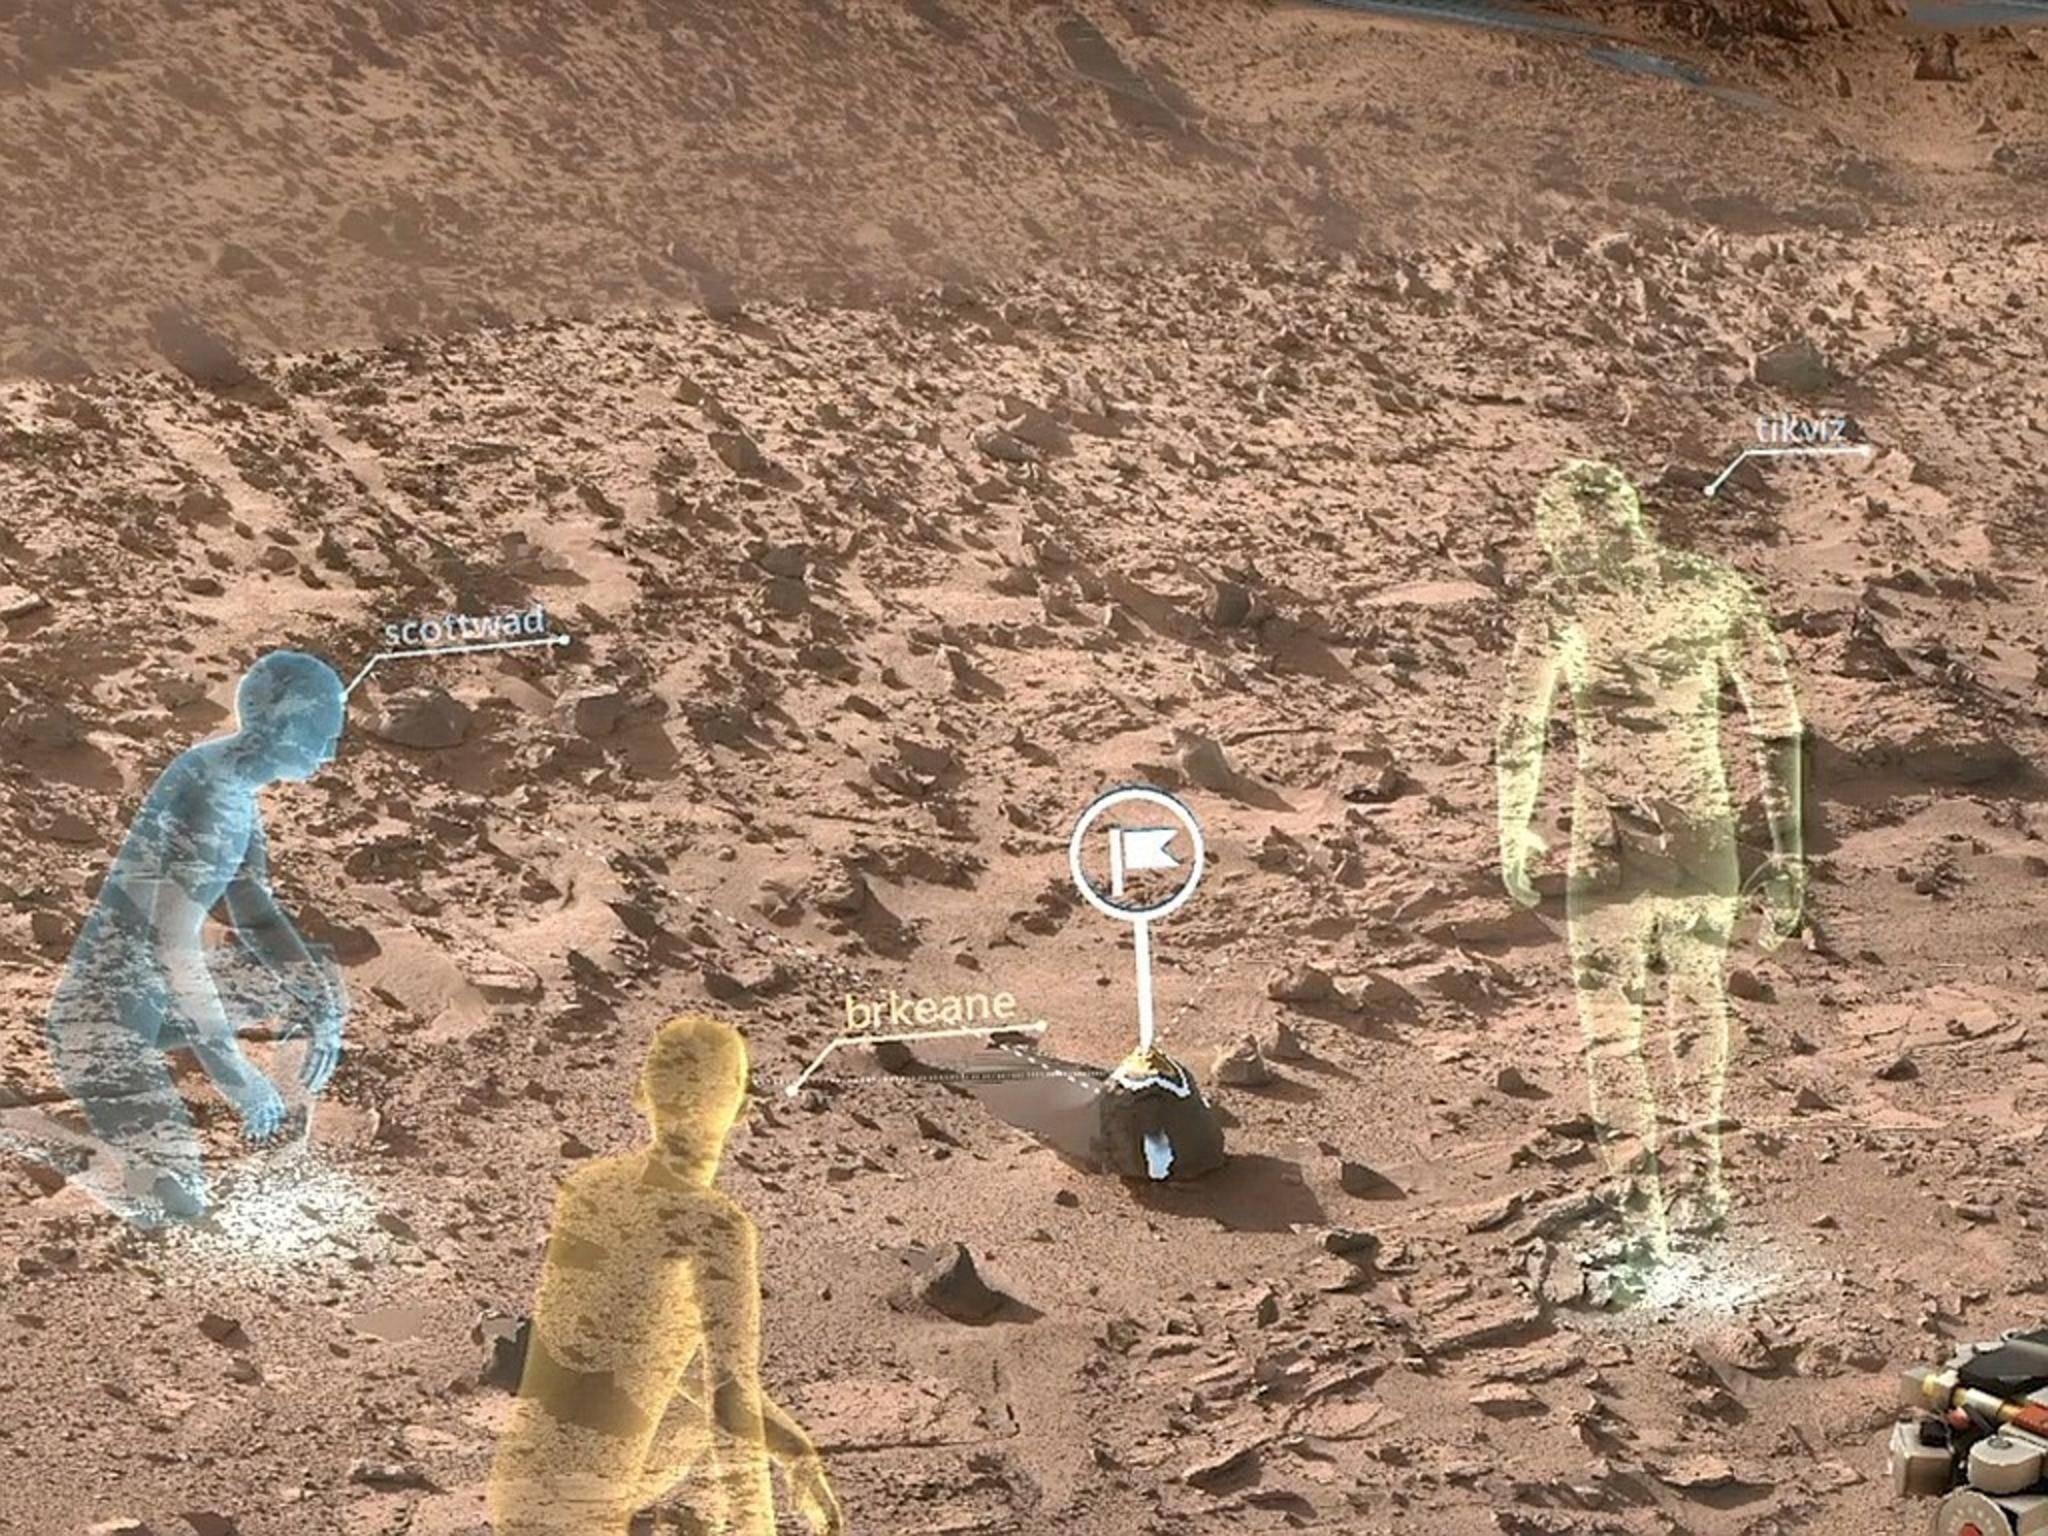 Mit der HoloLens kann die NASA virtuelle Marsspaziergänge unternehmen.